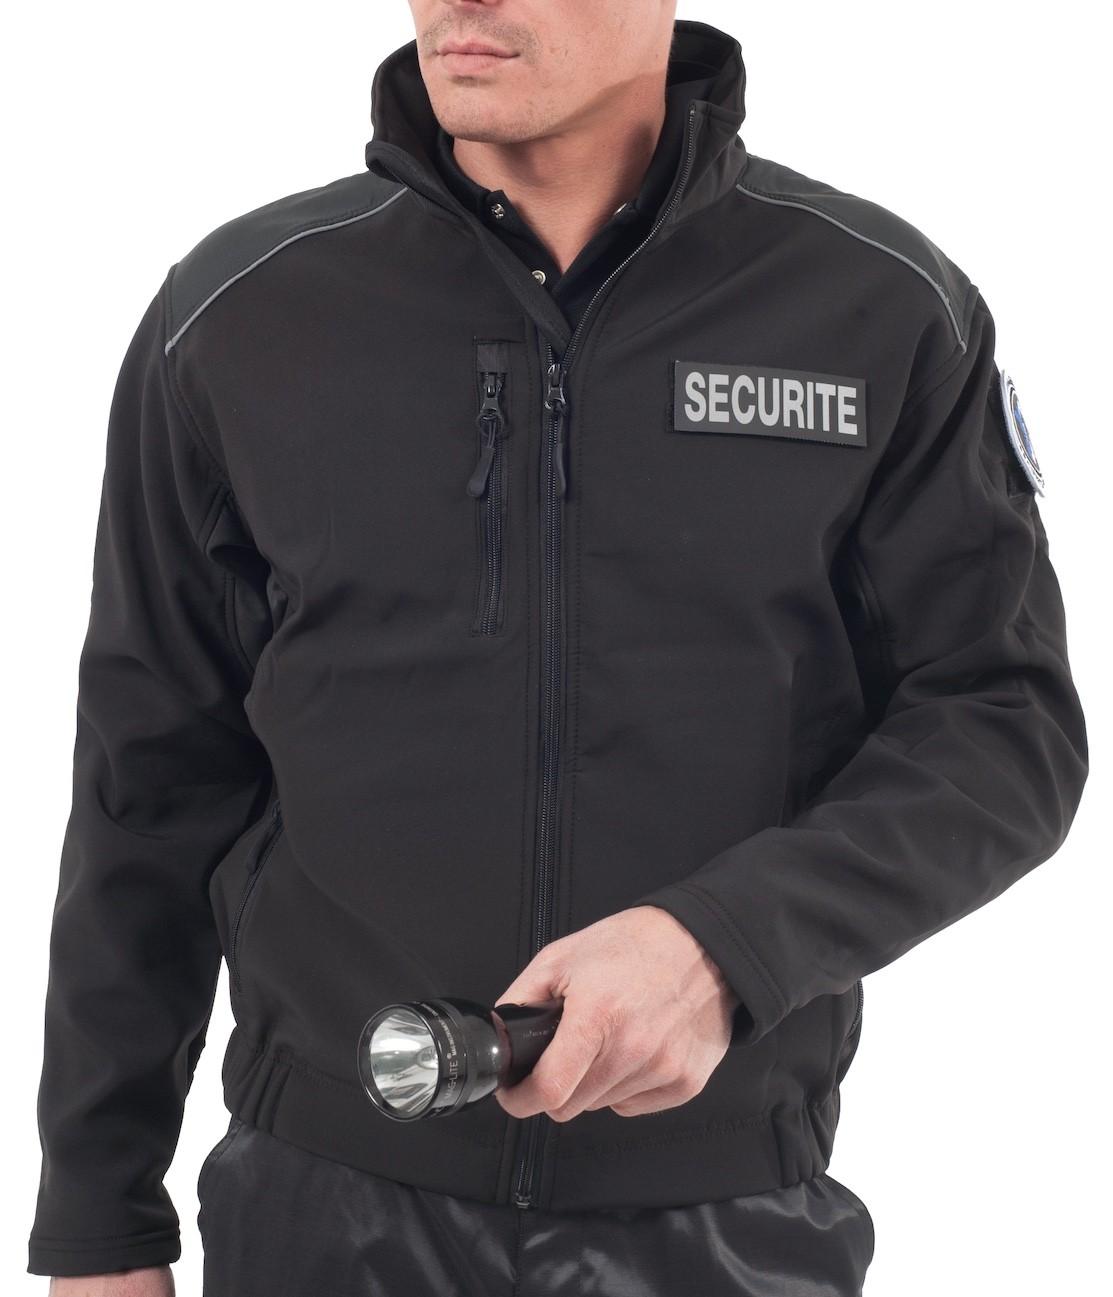 Softshell Securite Blouson Softshell Noir Blouson Securite Noir 5j3LAR4q